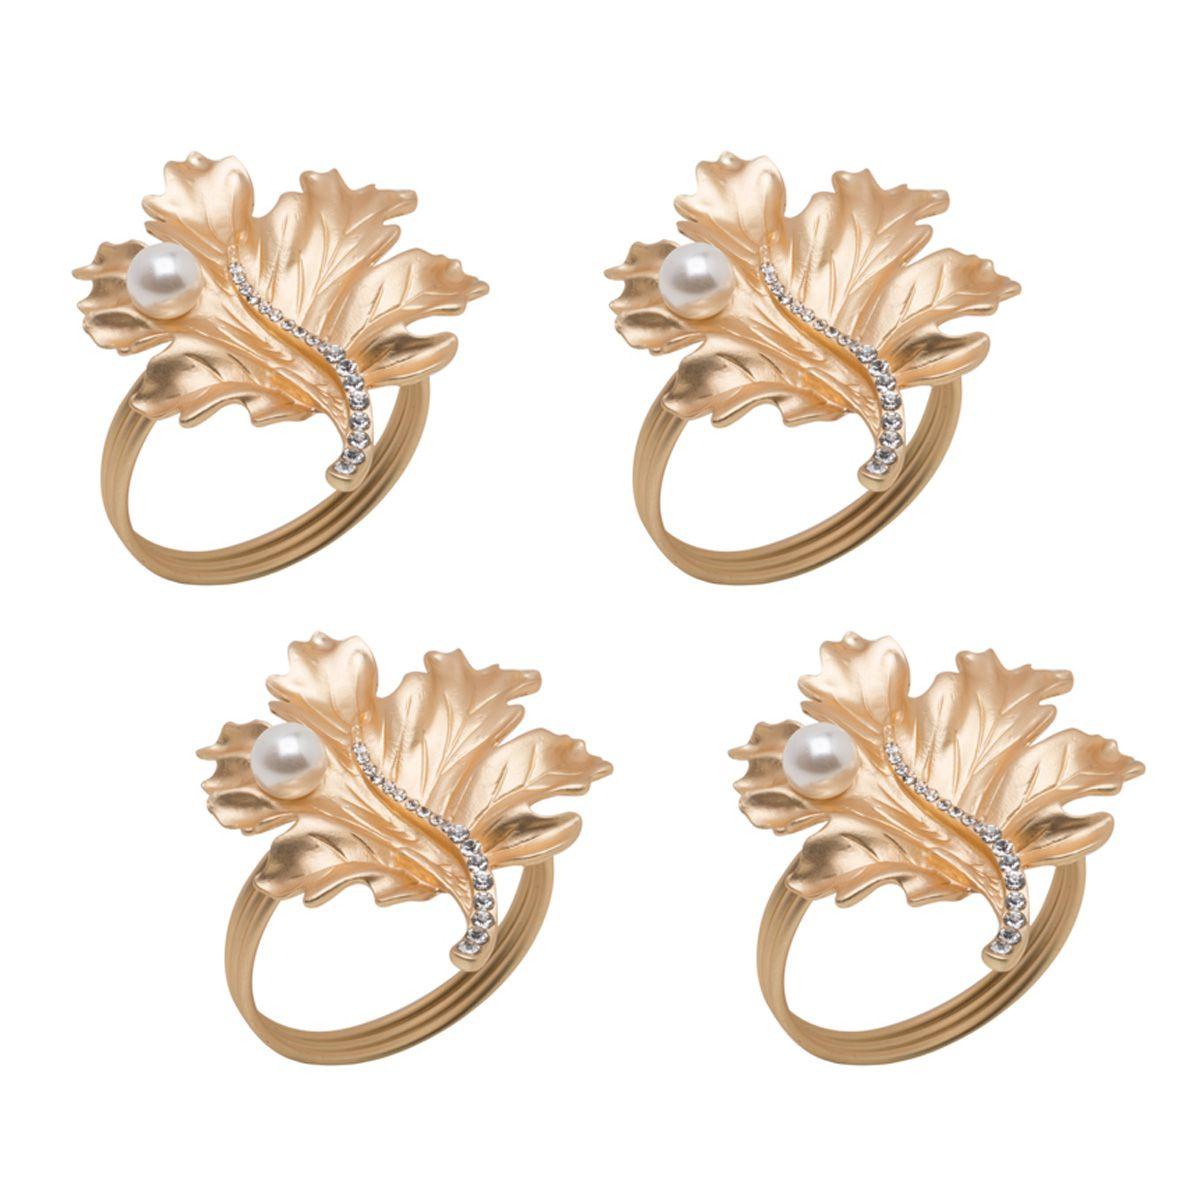 Jogo 4 anéis para guardanapo em zamac dourado Leaves Prestige - 26513